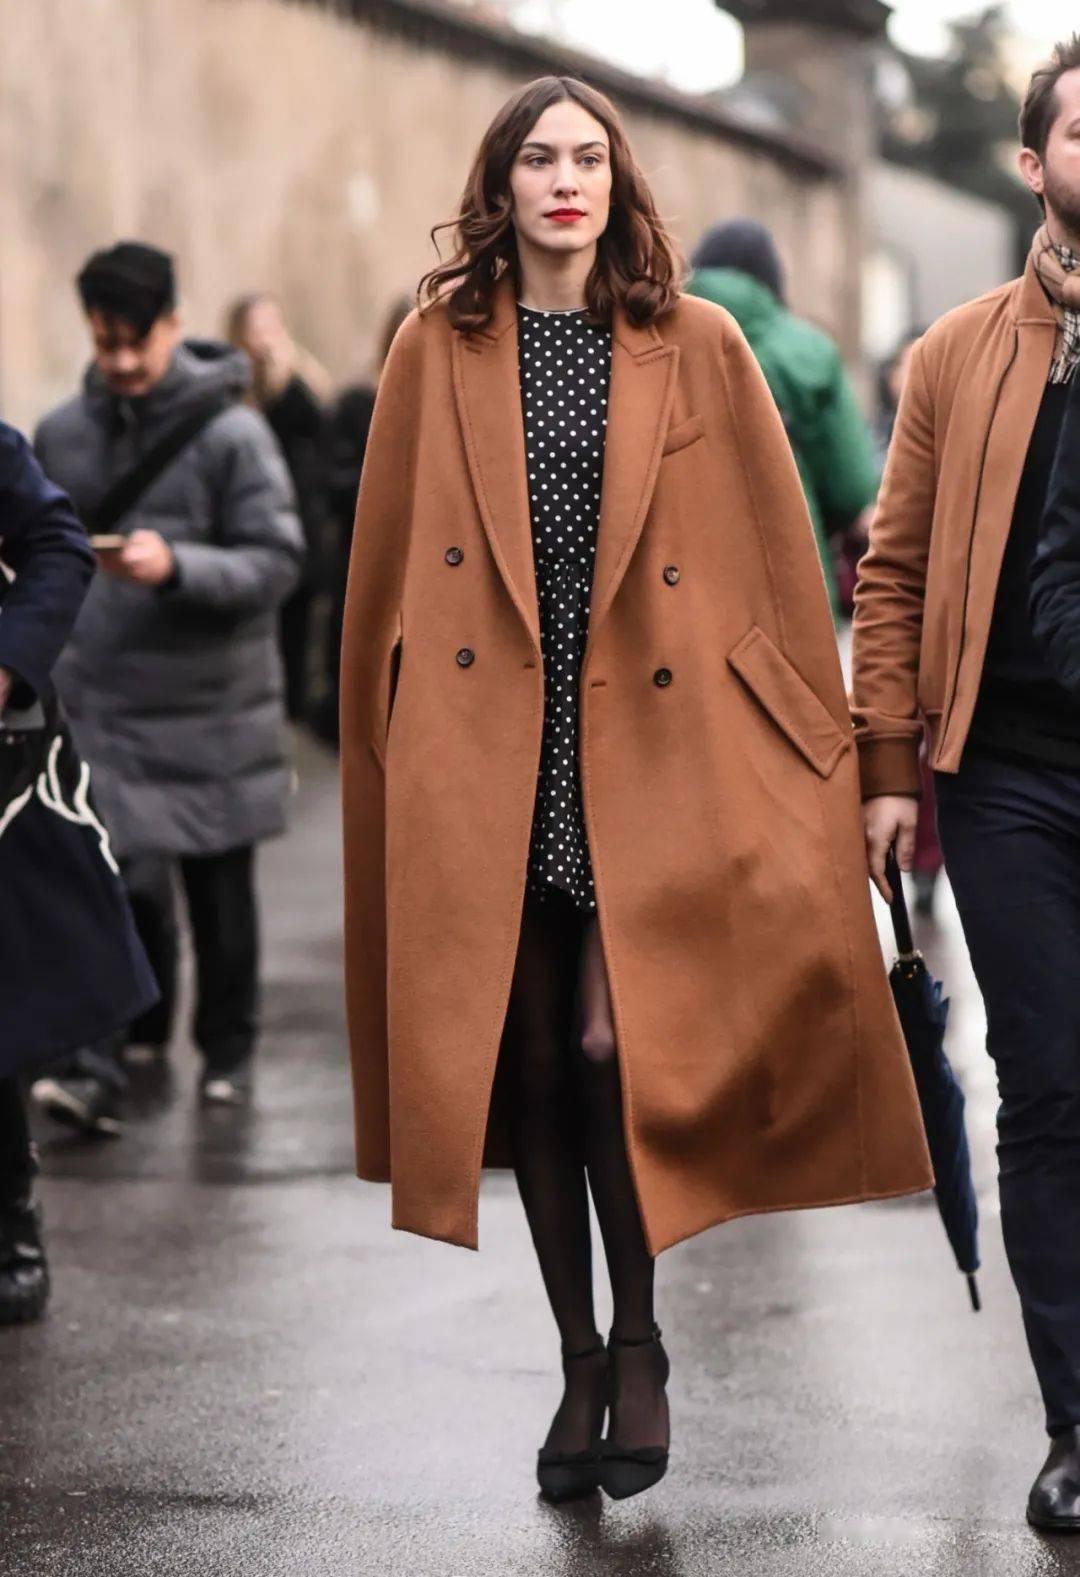 年底的时髦翻身仗,就靠这件大衣了!